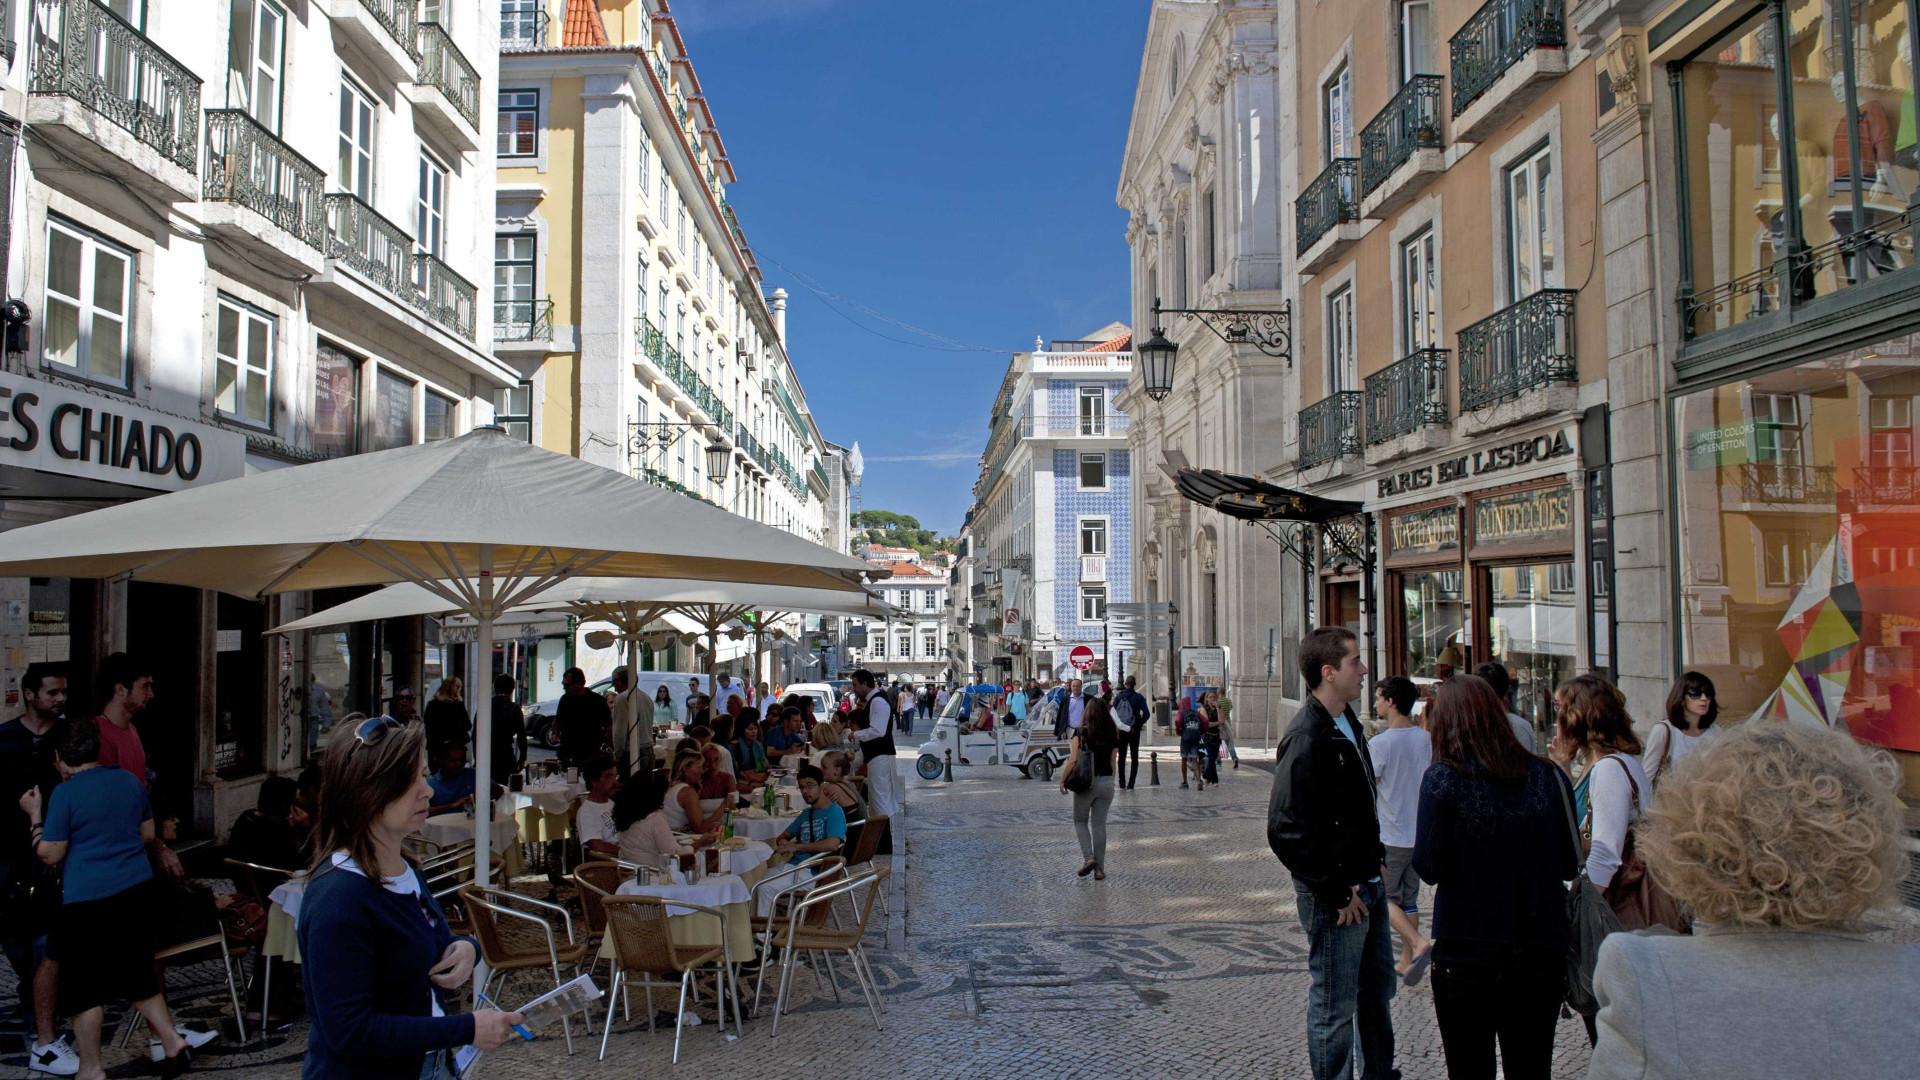 Portugueses valorizam património mas interessam-se pouco, diz estudo